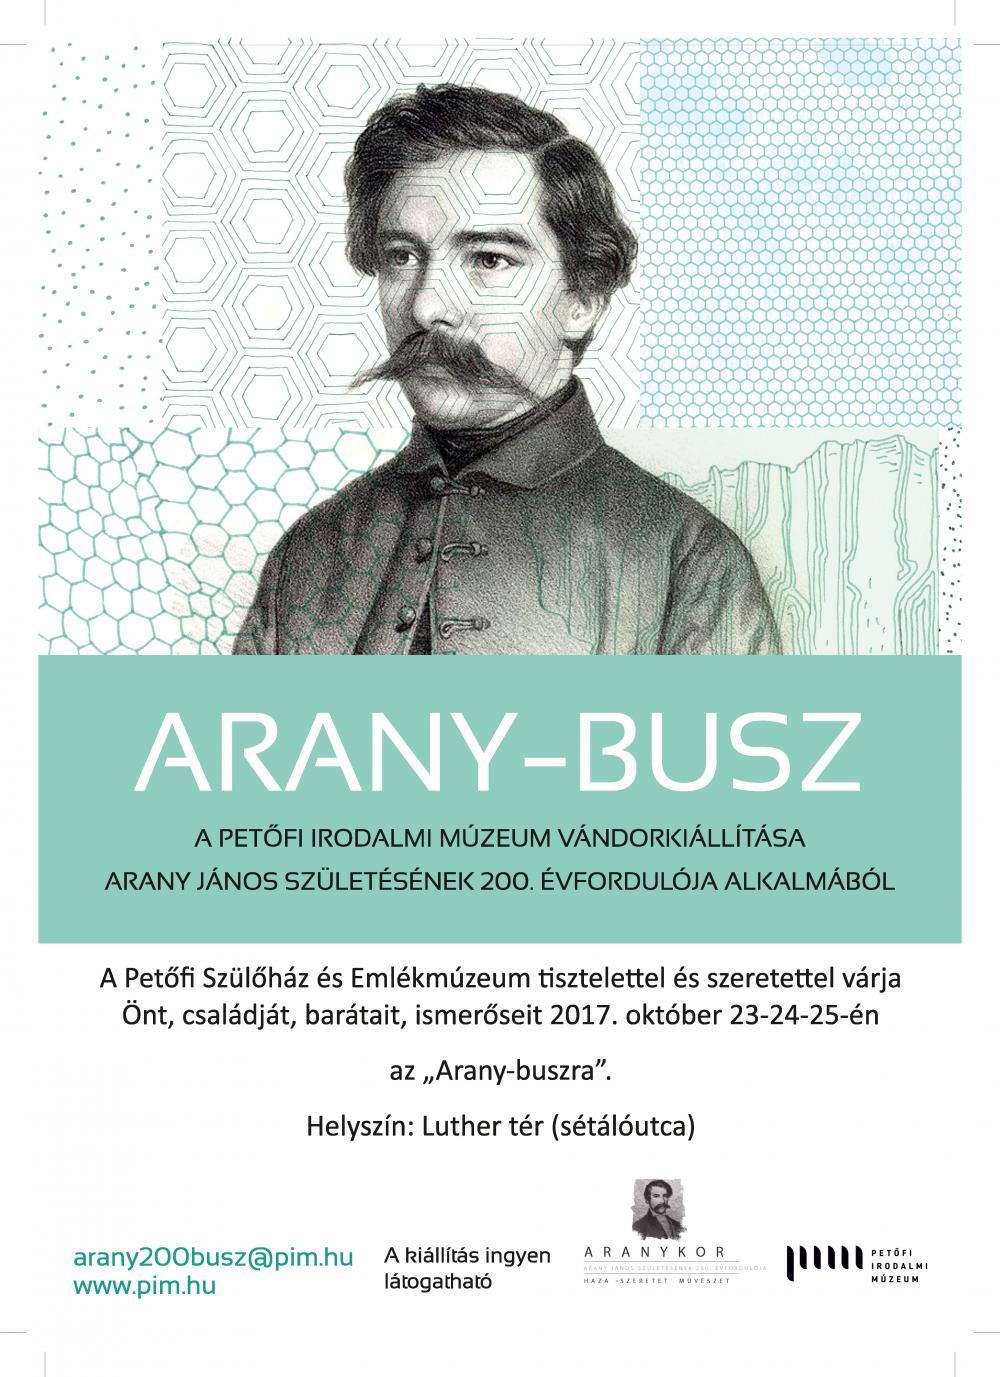 ARANY-BUSZ  -  A Petőfi Irodalmi Múzeum vándorkiállítása